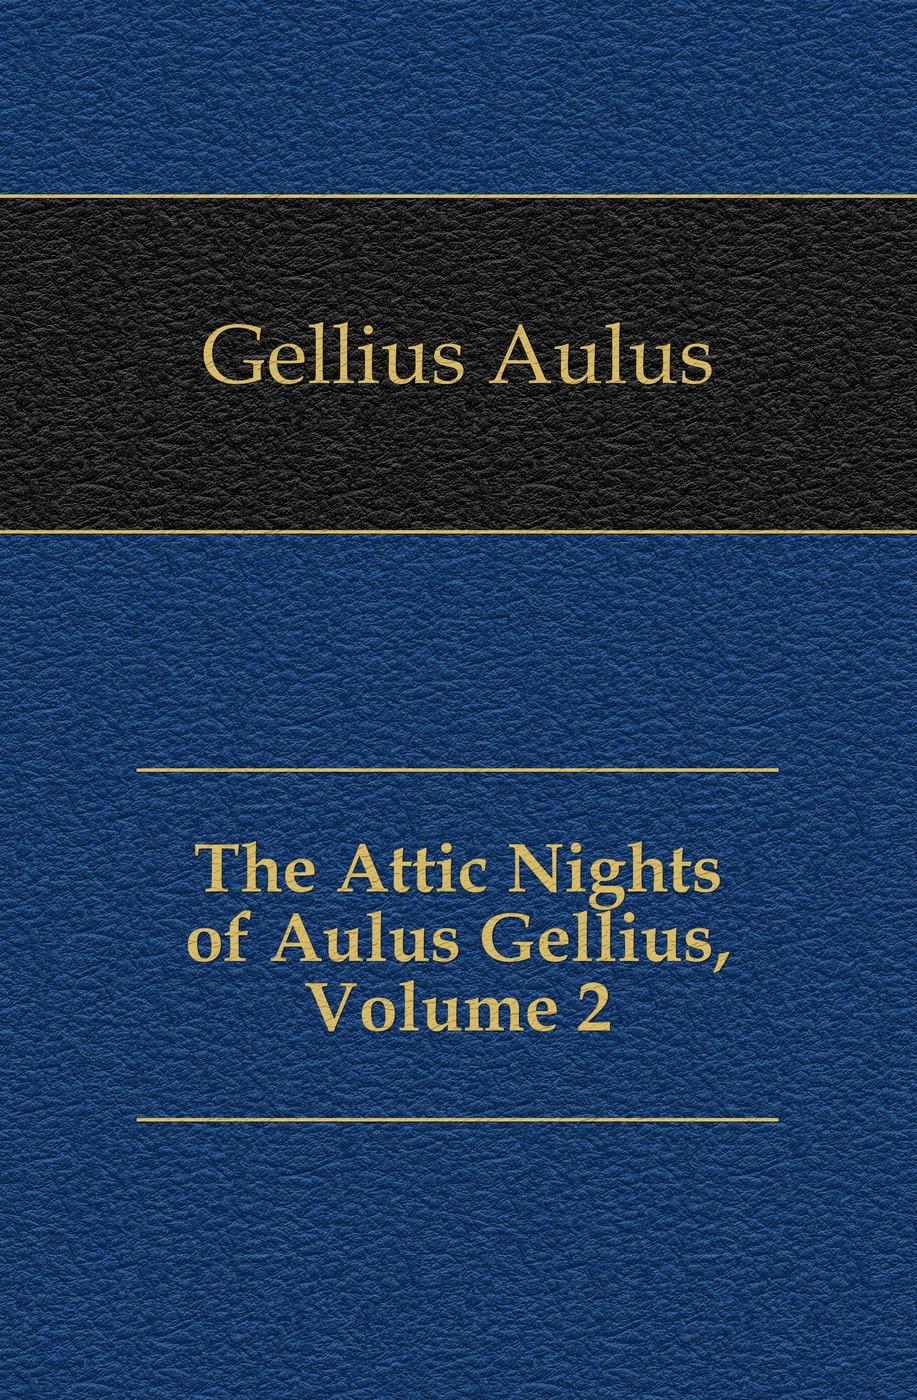 Gellius Aulus The Attic Nights of Aulus Gellius, Volume 2 aulus gellius a gellii noctivm atticarvm libri xx volume 79 latin edition